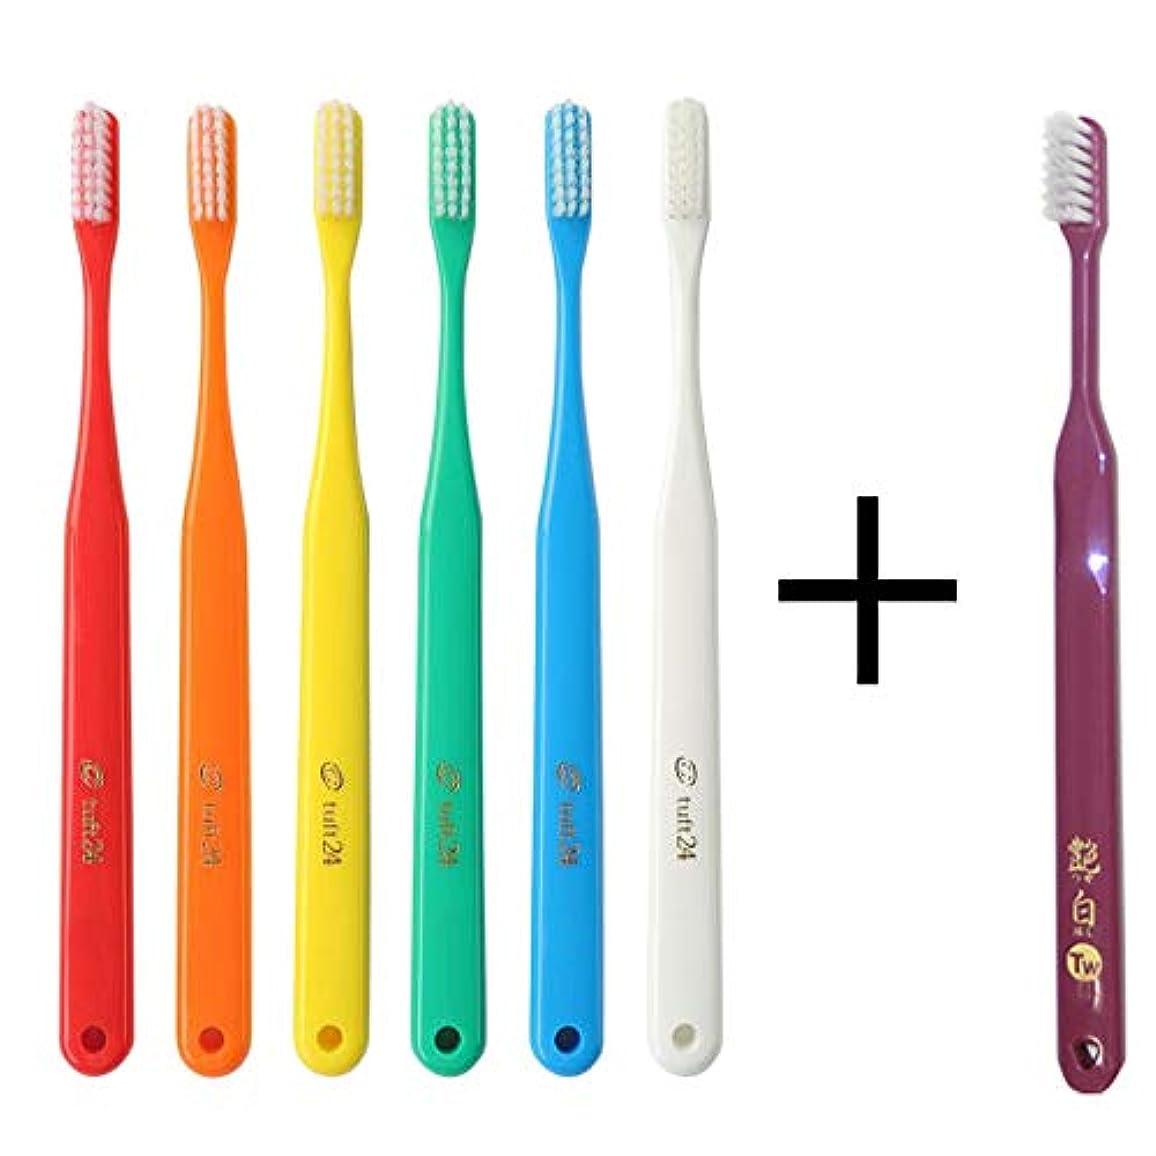 ラオス人ヒステリックミッションキャップなし タフト24 歯ブラシ × 25本入 M (アソート) + 艶白 ハブラシ (日本製) ×1本 MS(やややわらかめ) 大人用歯ブラシ 歯科医院取扱品